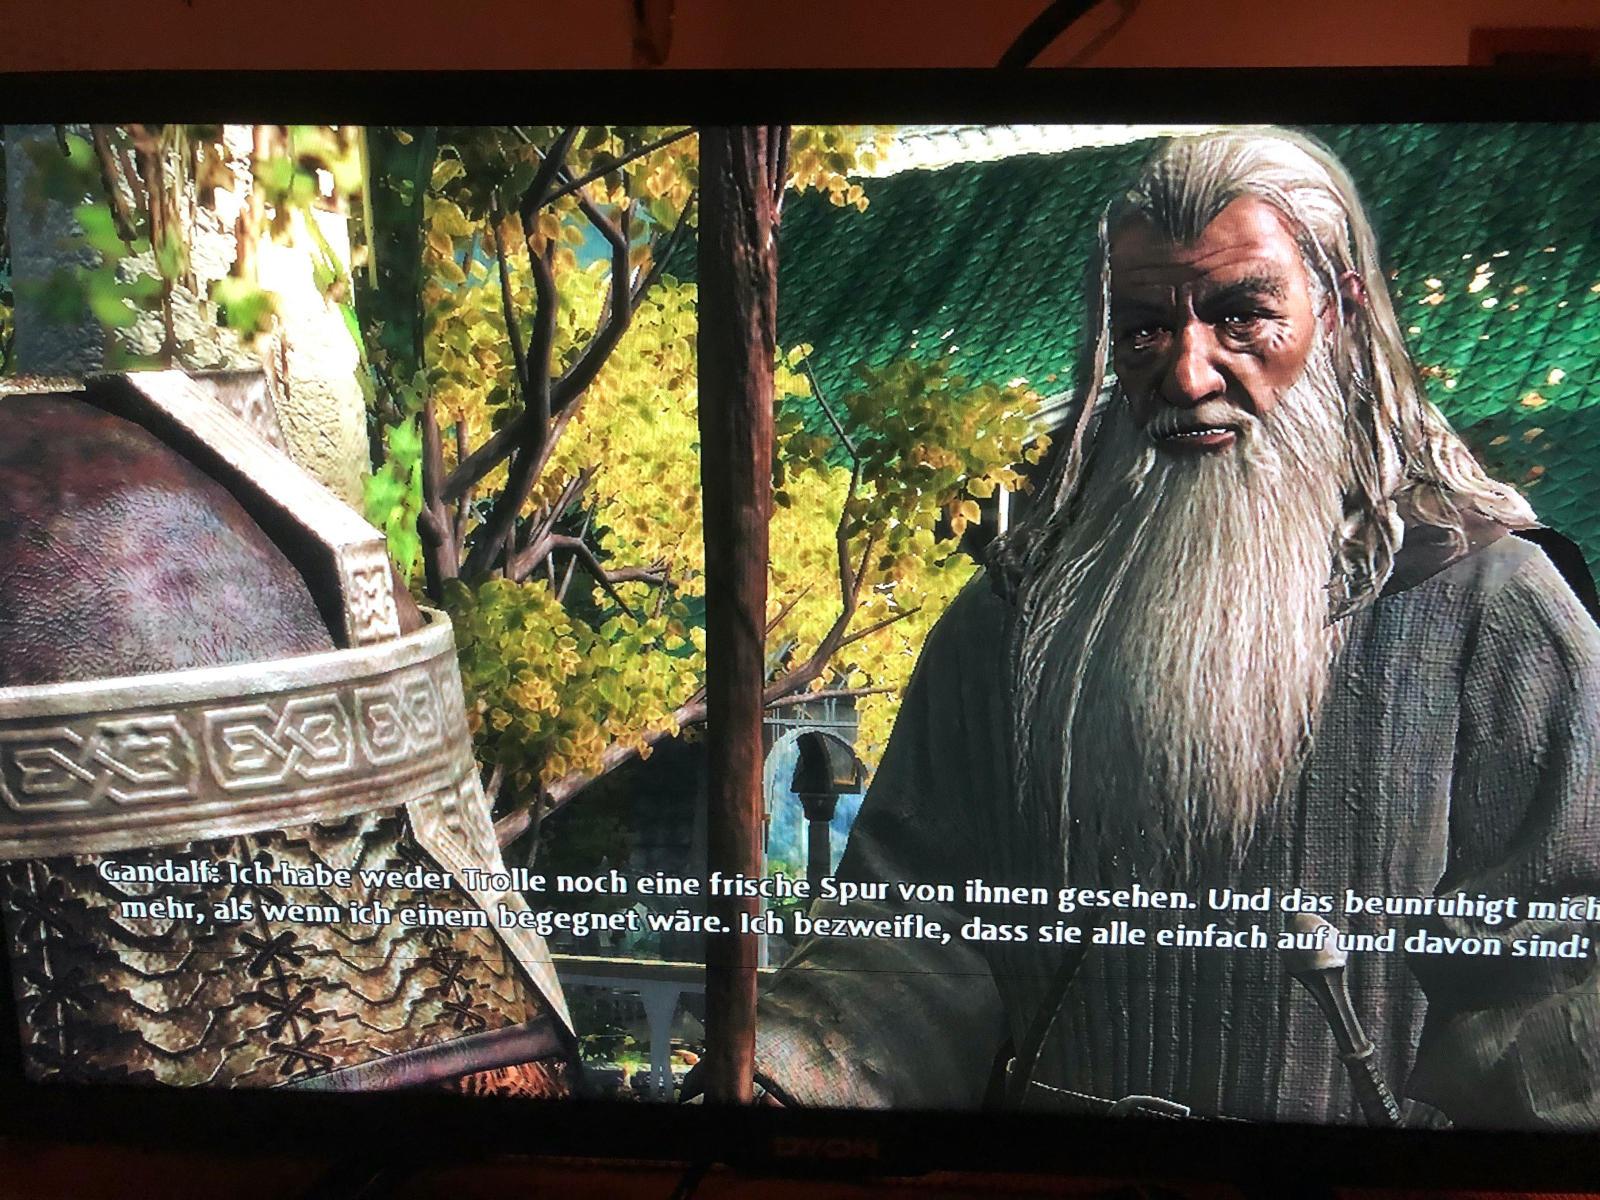 Gandalf ist nur eines der bekannten Gesichter. (Bild: Lenny)